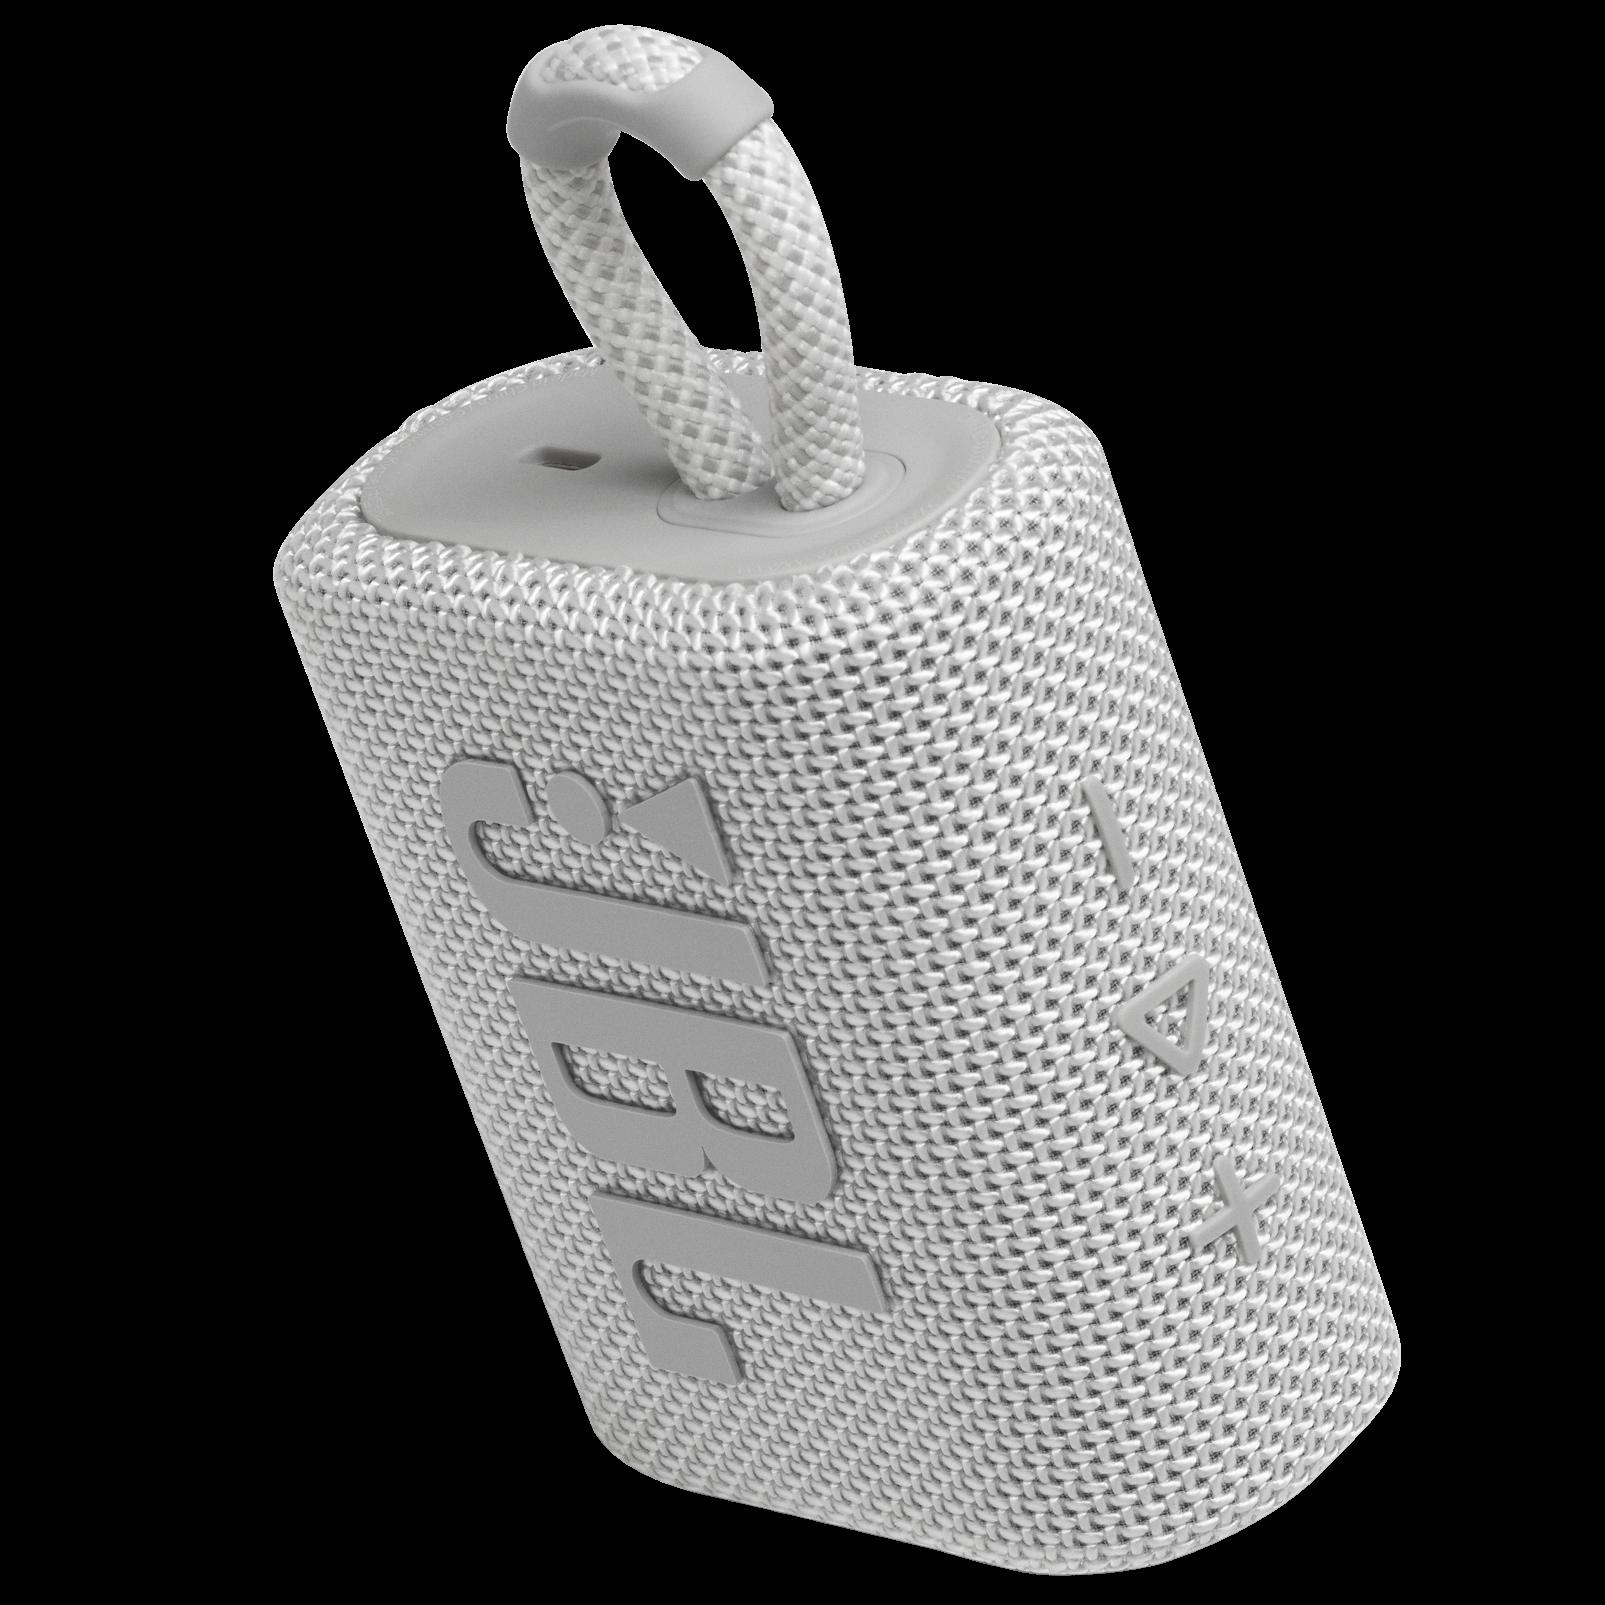 JBL GO 3 - White - Portable Waterproof Speaker - Detailshot 2